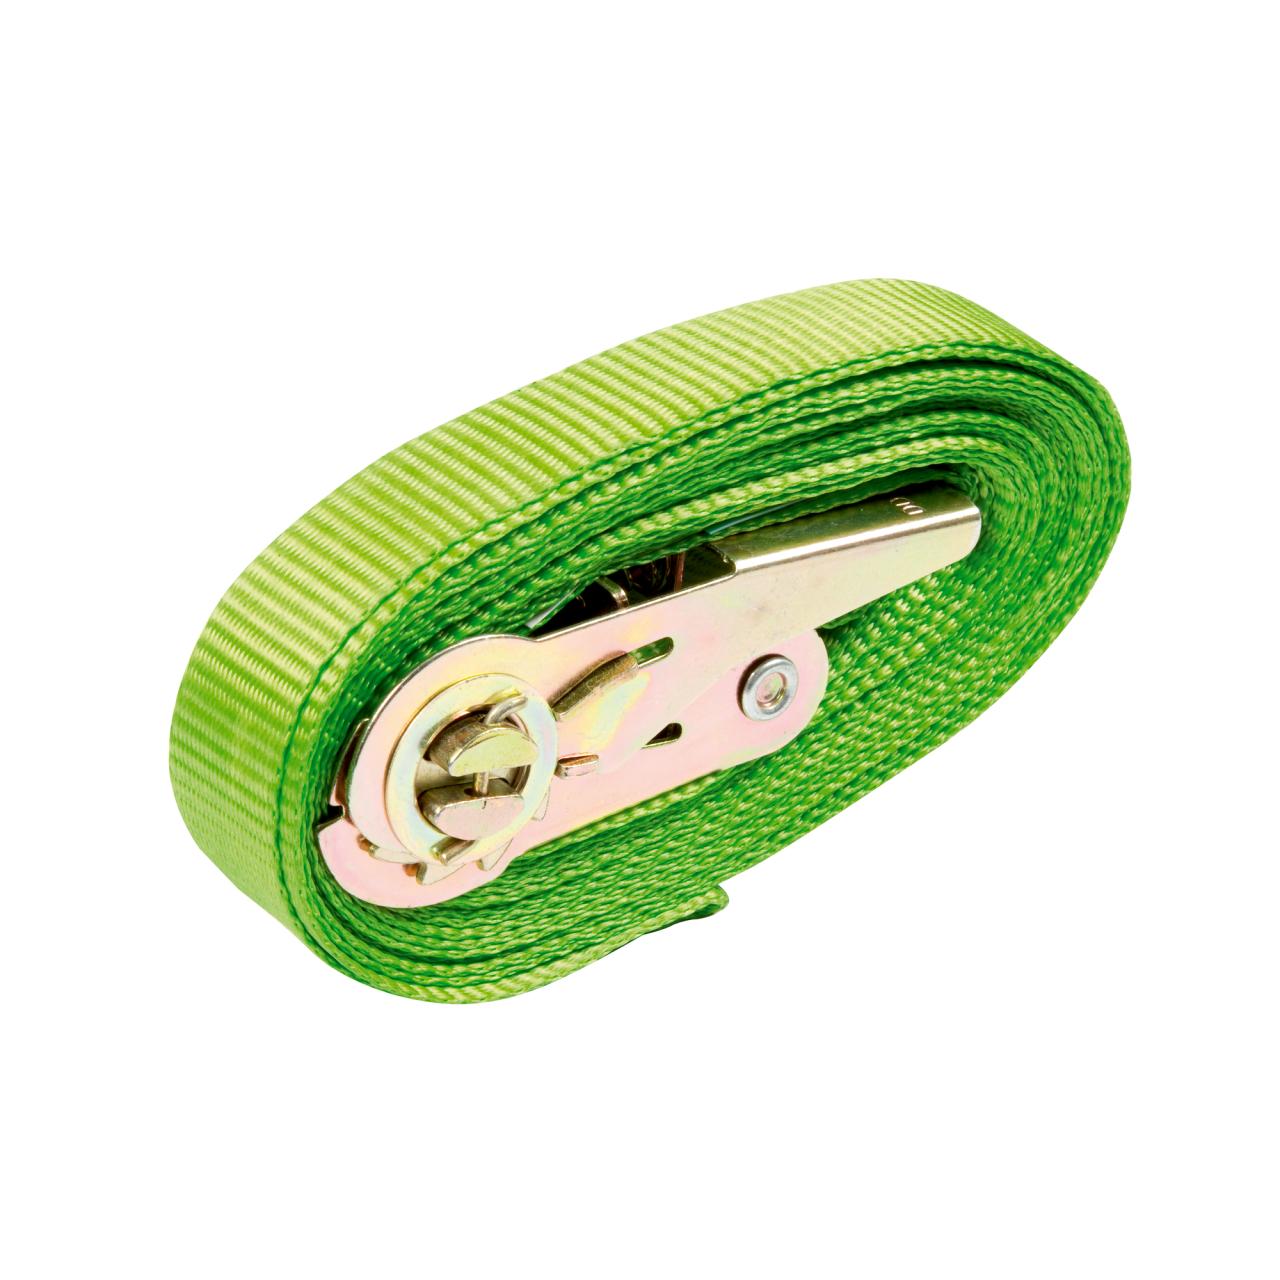 Zurrgurt grün 1-teilig